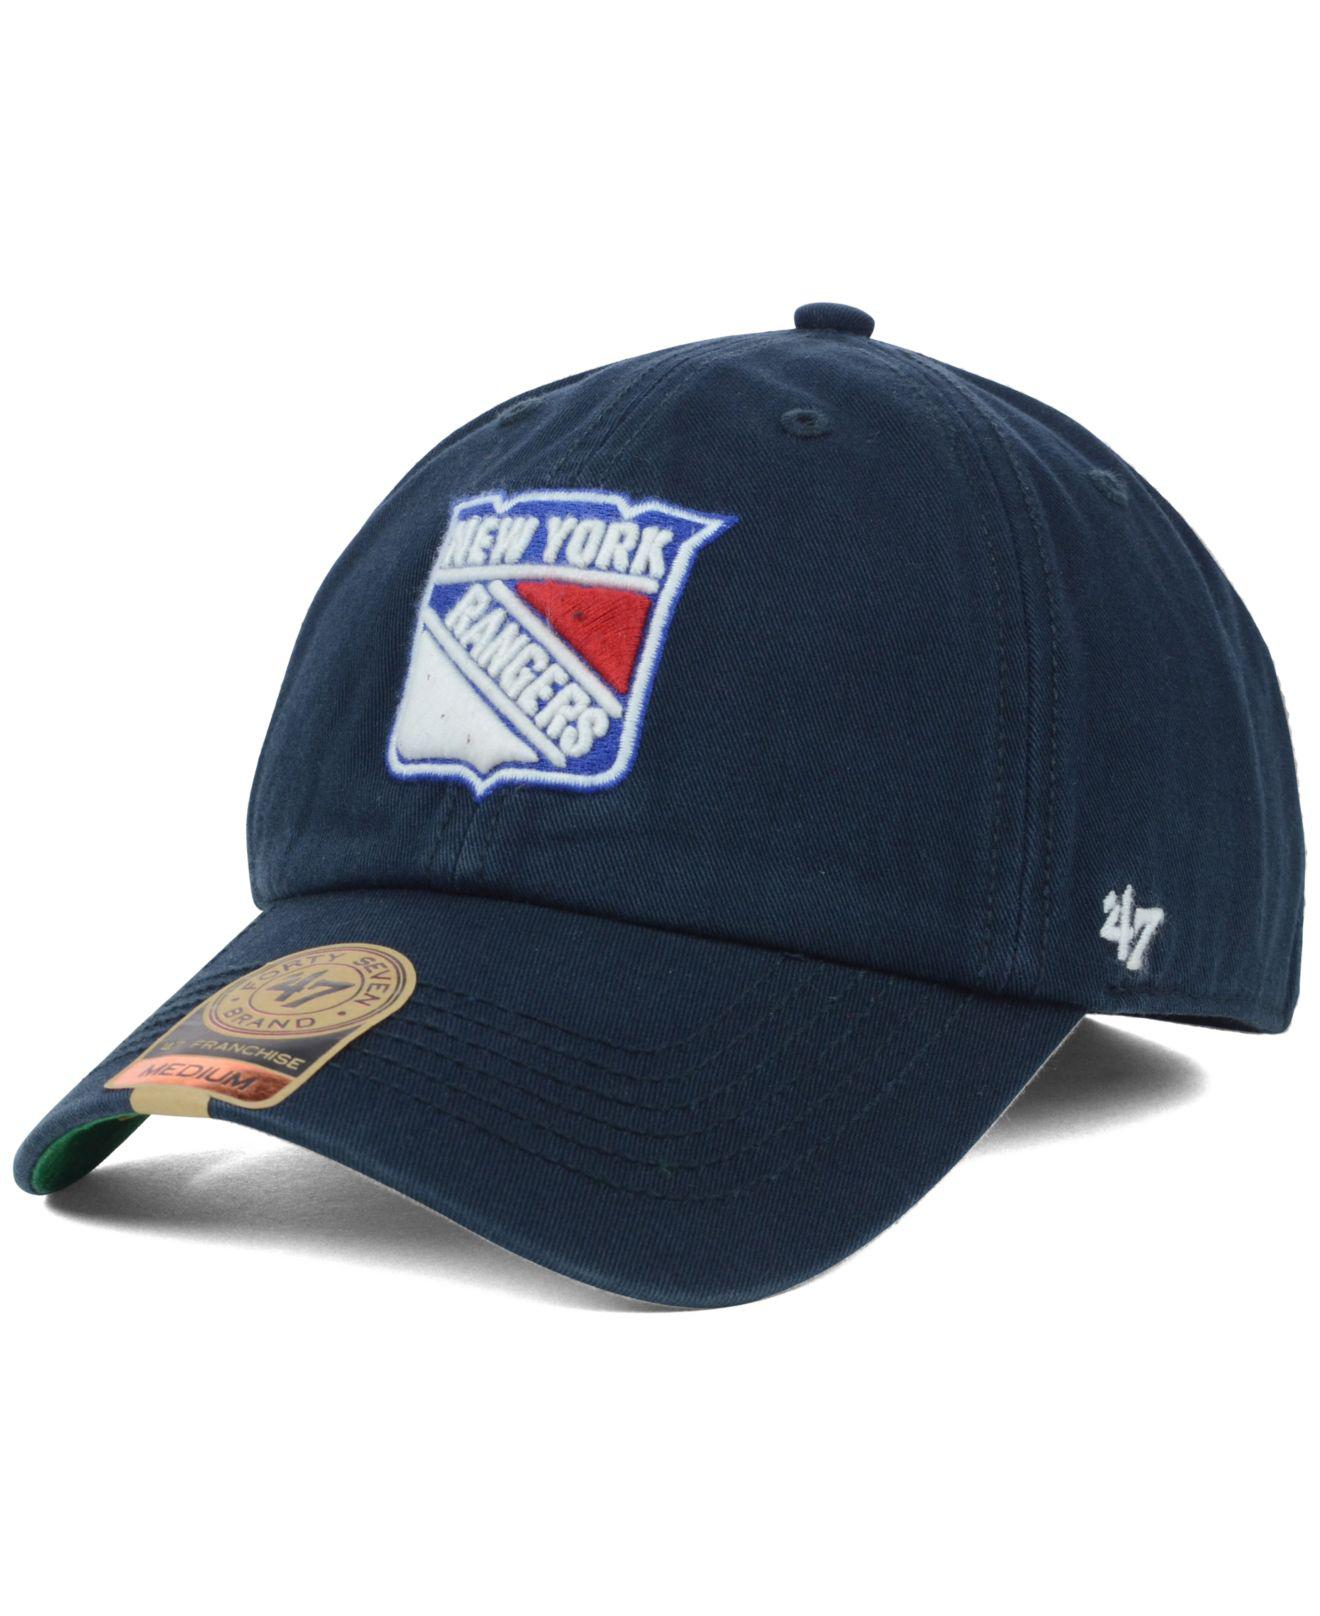 29a298d32fcc13 47 Brand New York Rangers Franchise Cap in Blue for Men - Lyst